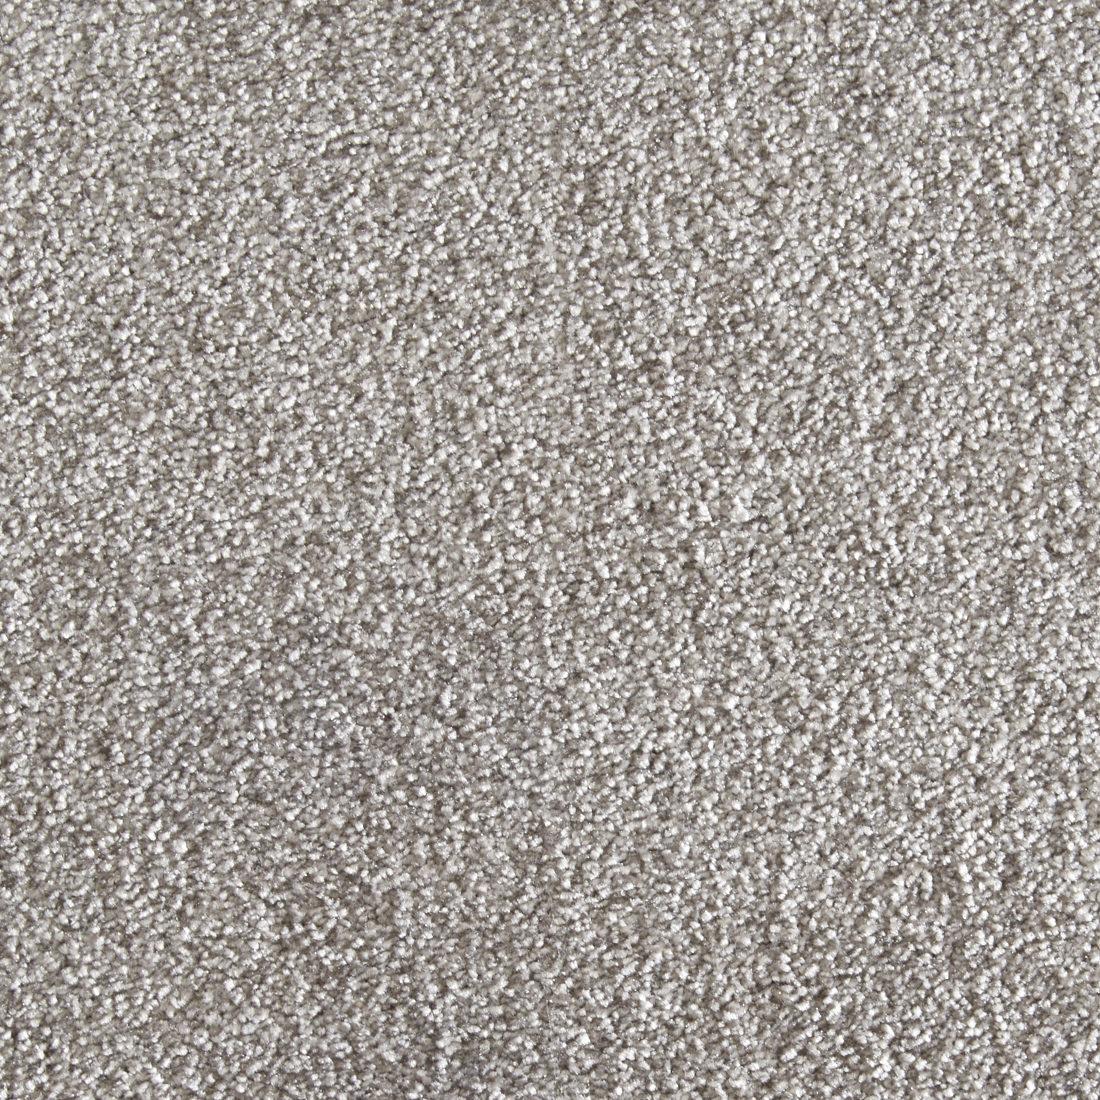 Stanton Carpet Venue Taupe